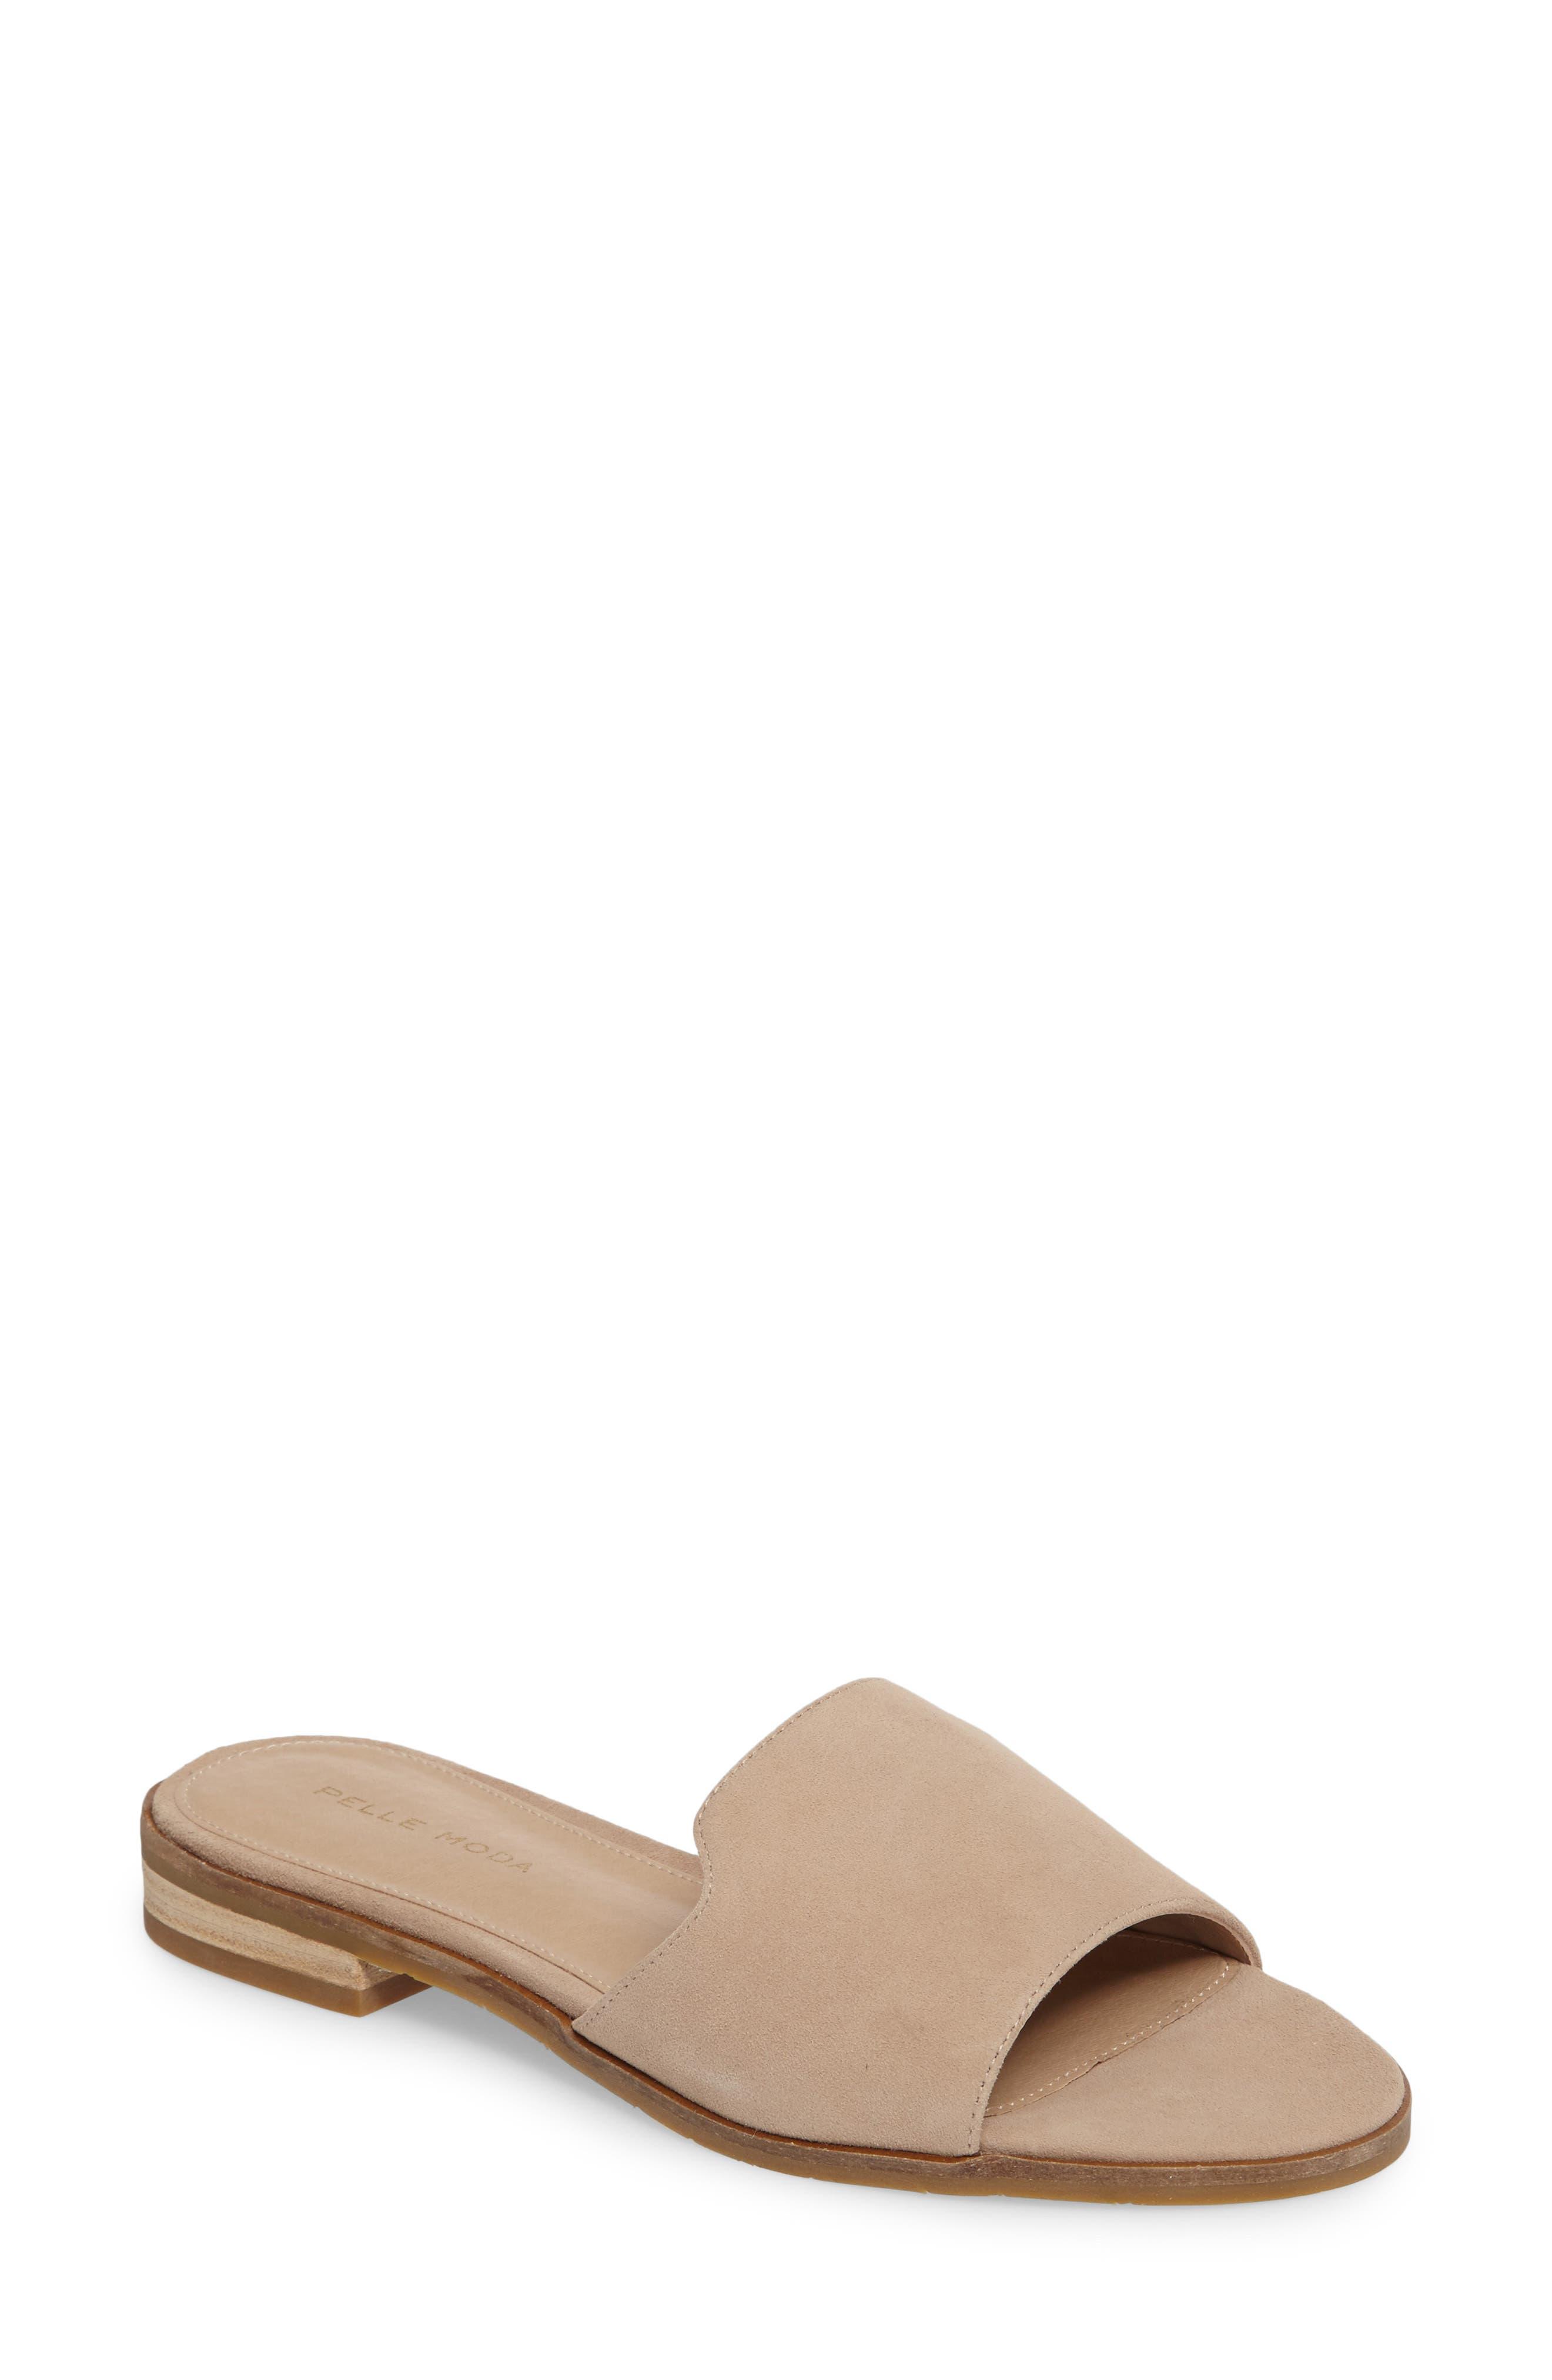 Hailey Slide Sandal,                             Main thumbnail 2, color,